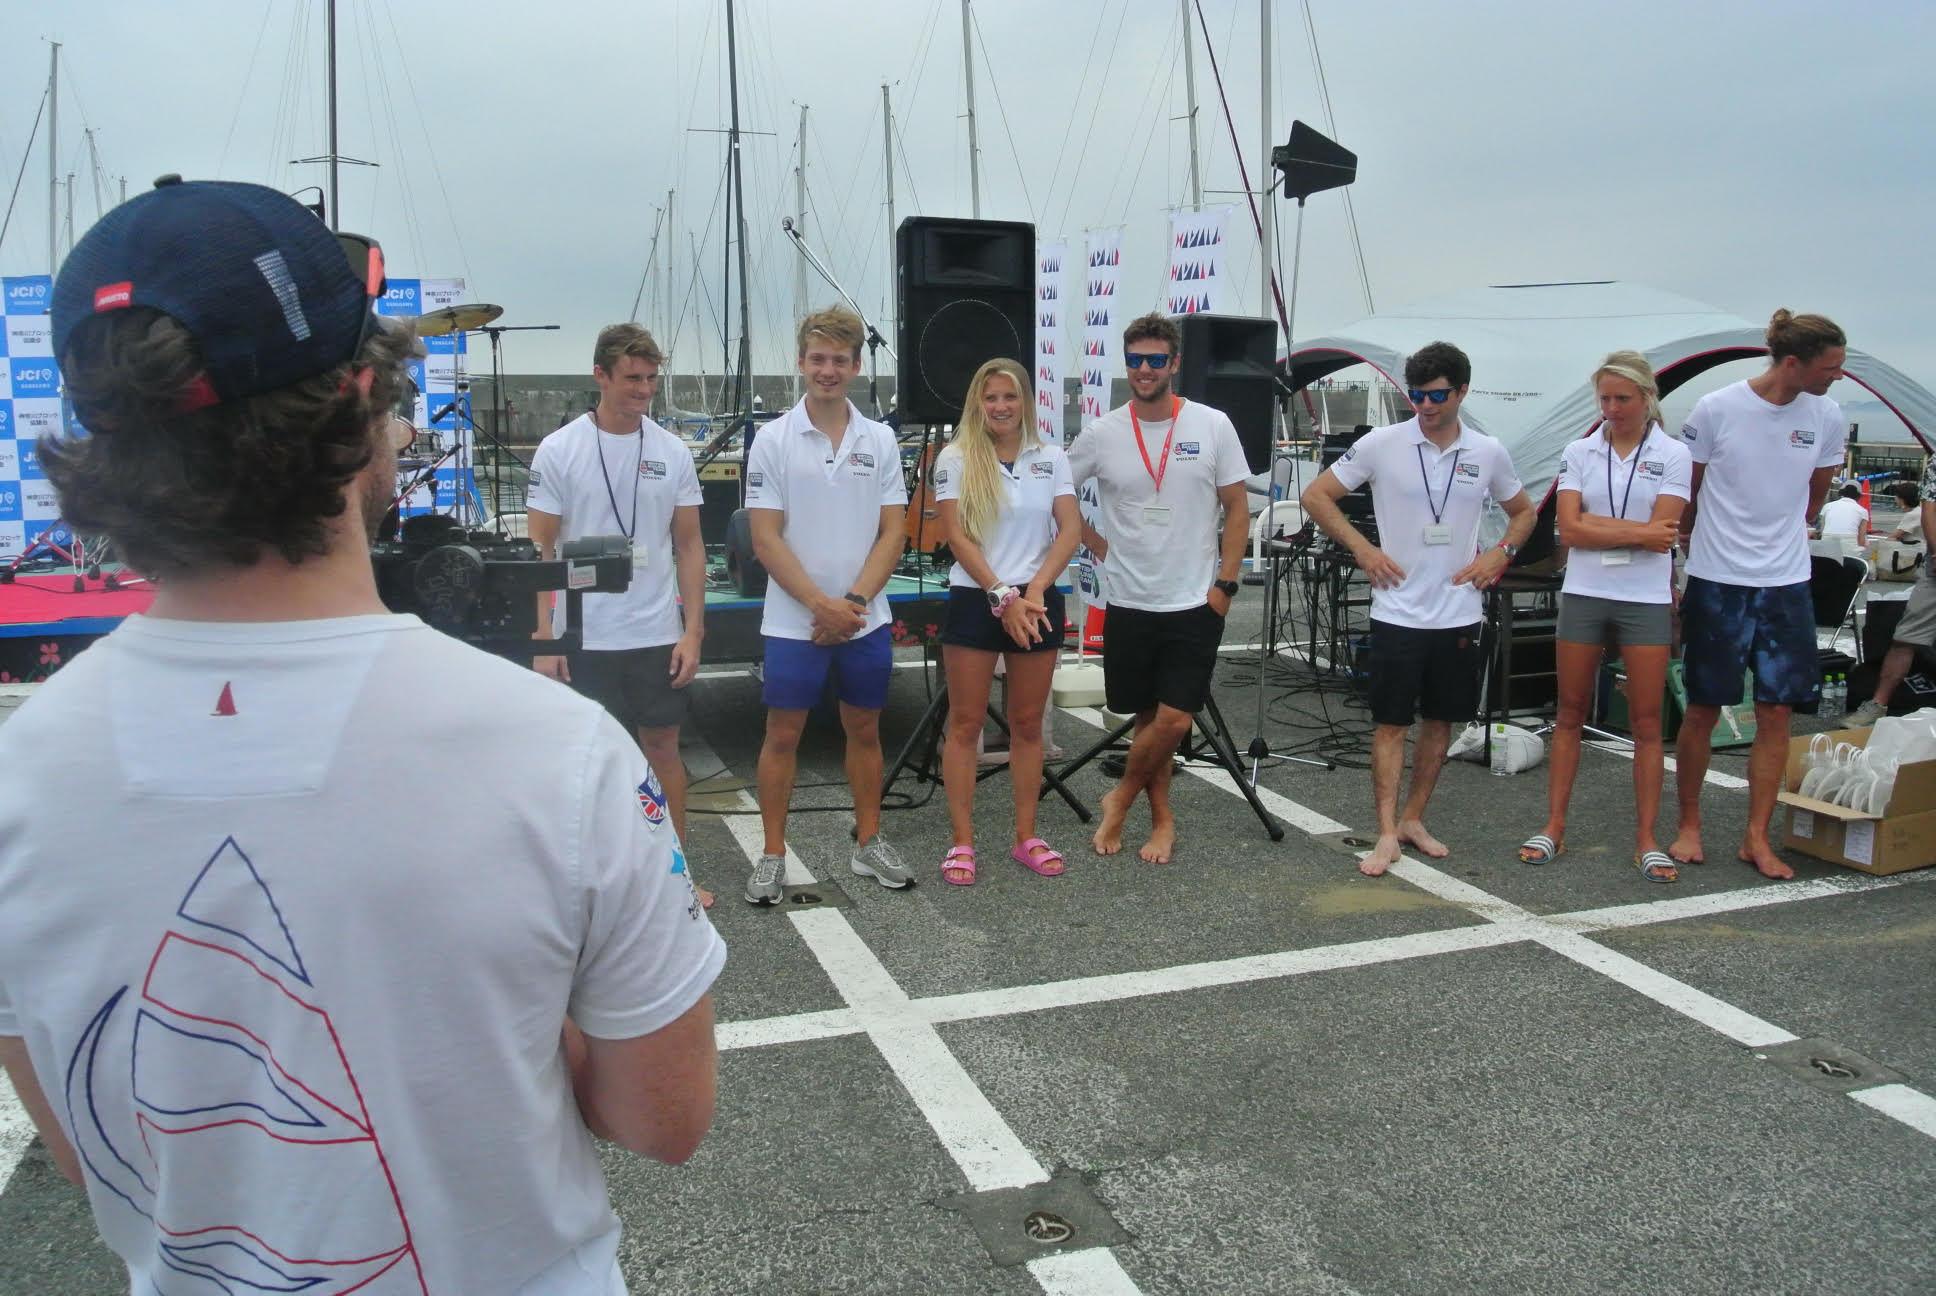 ヨットレース英国チームが横一列に並ぶ。